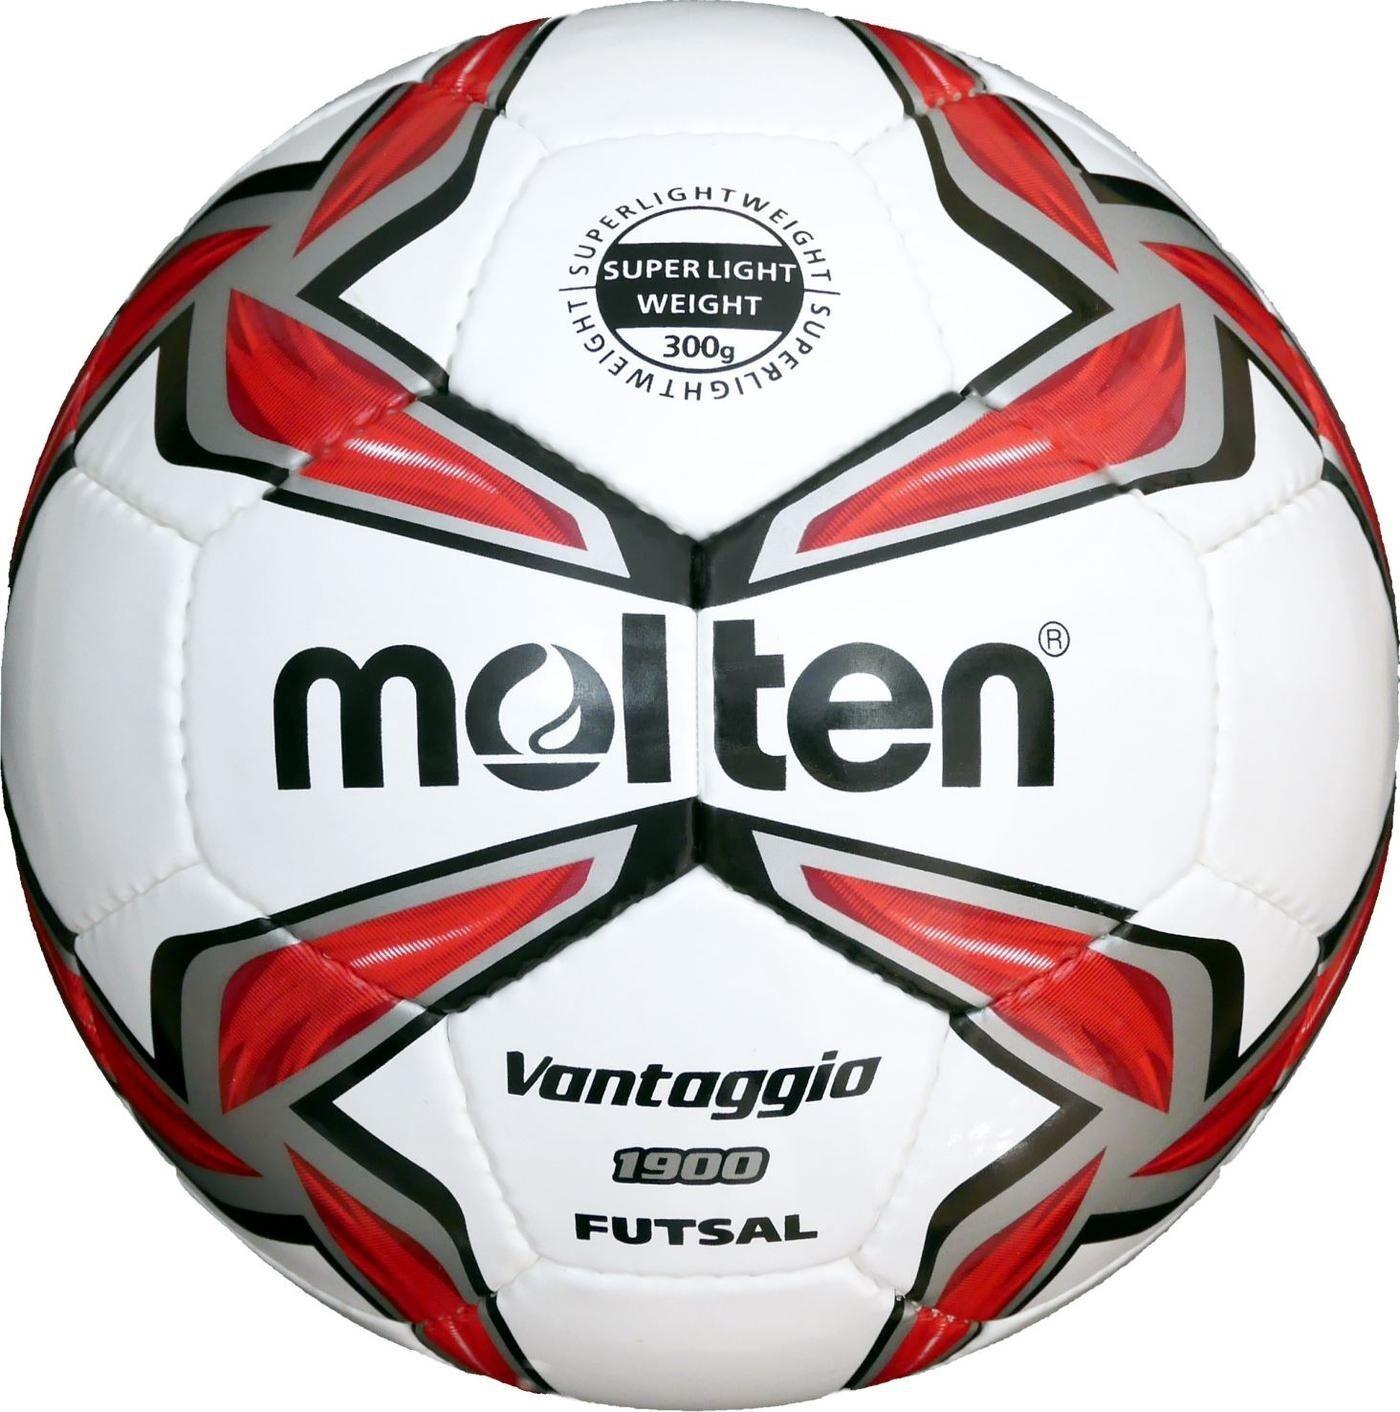 10x Molten Futsalball F9V1900-LR Superleicht indoor Futsal 300g